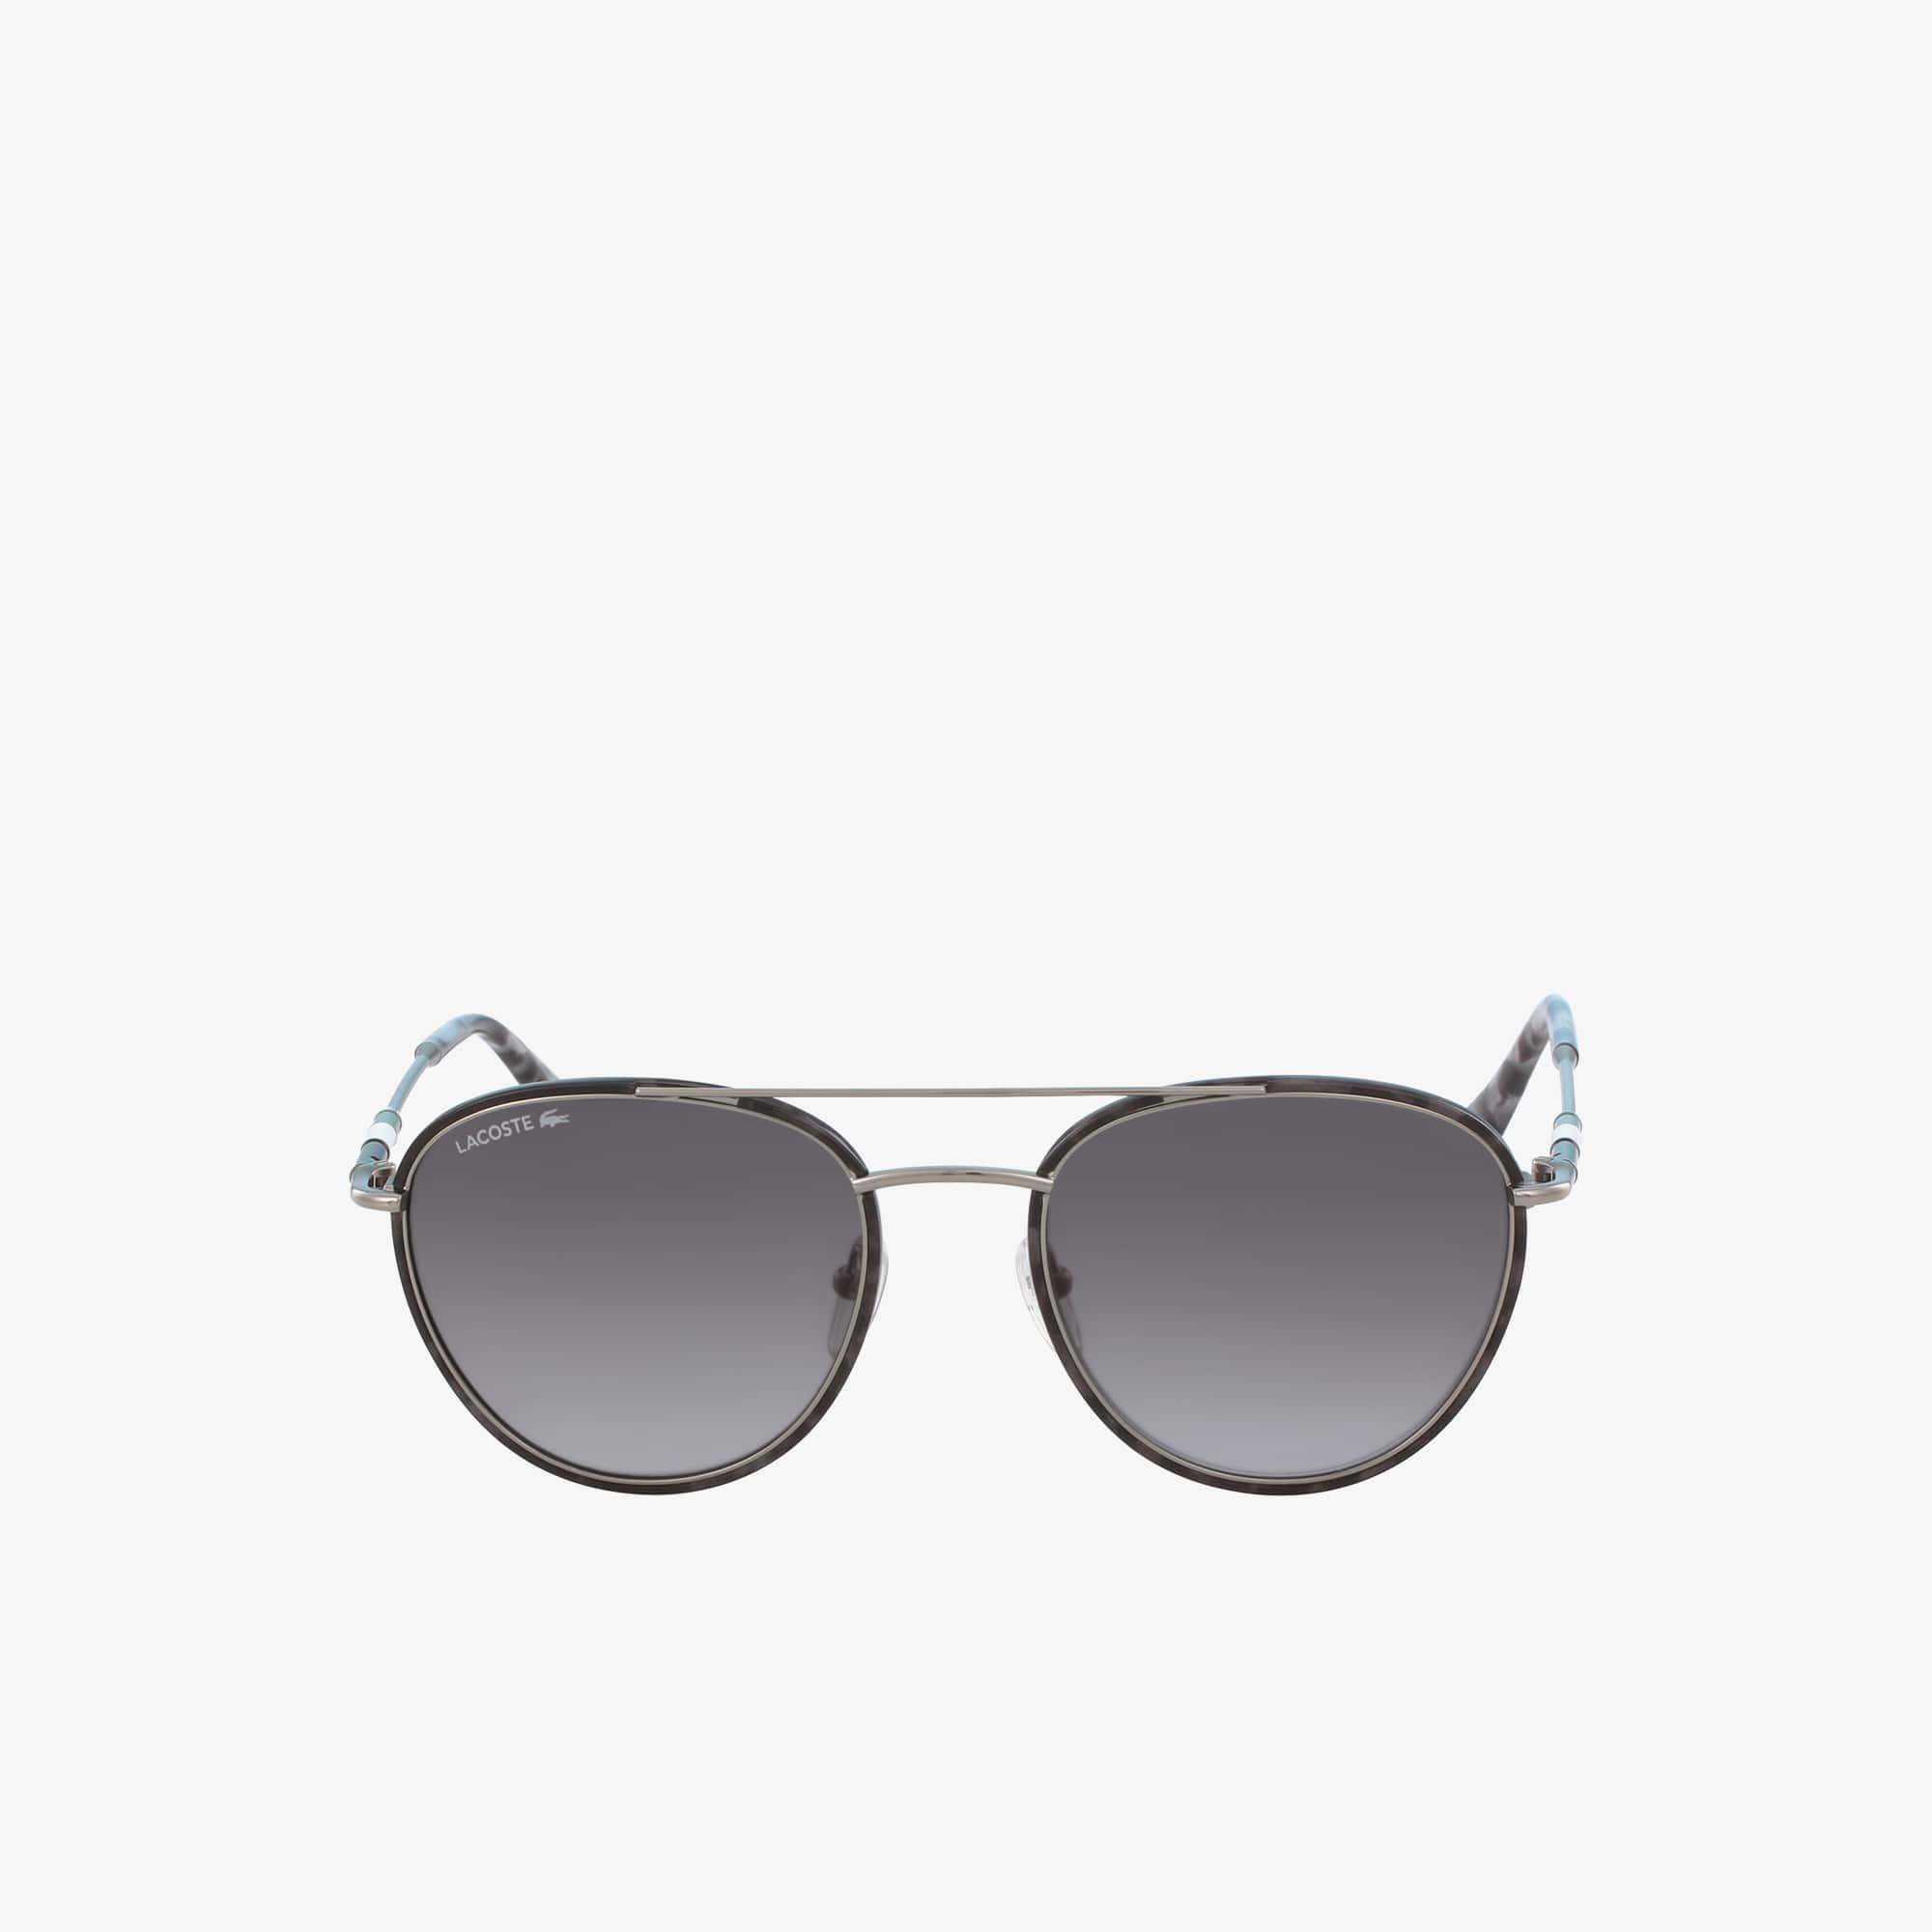 Novak Djokovic Collection-zonnebril ovaal metaal